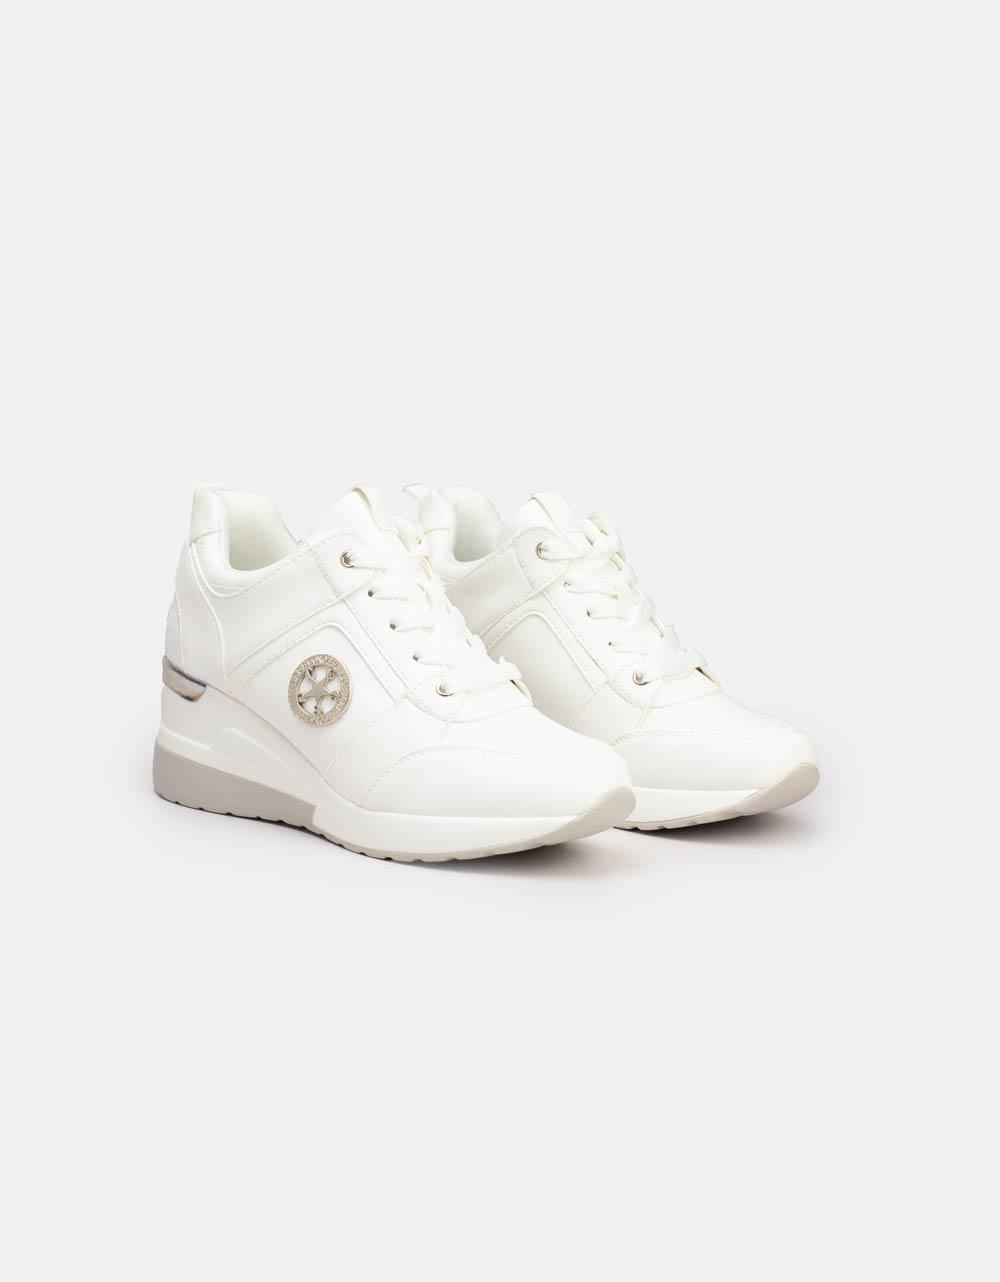 Εικόνα από Γυναικεία sneakers με εσωτερικό τακούνι Λευκό